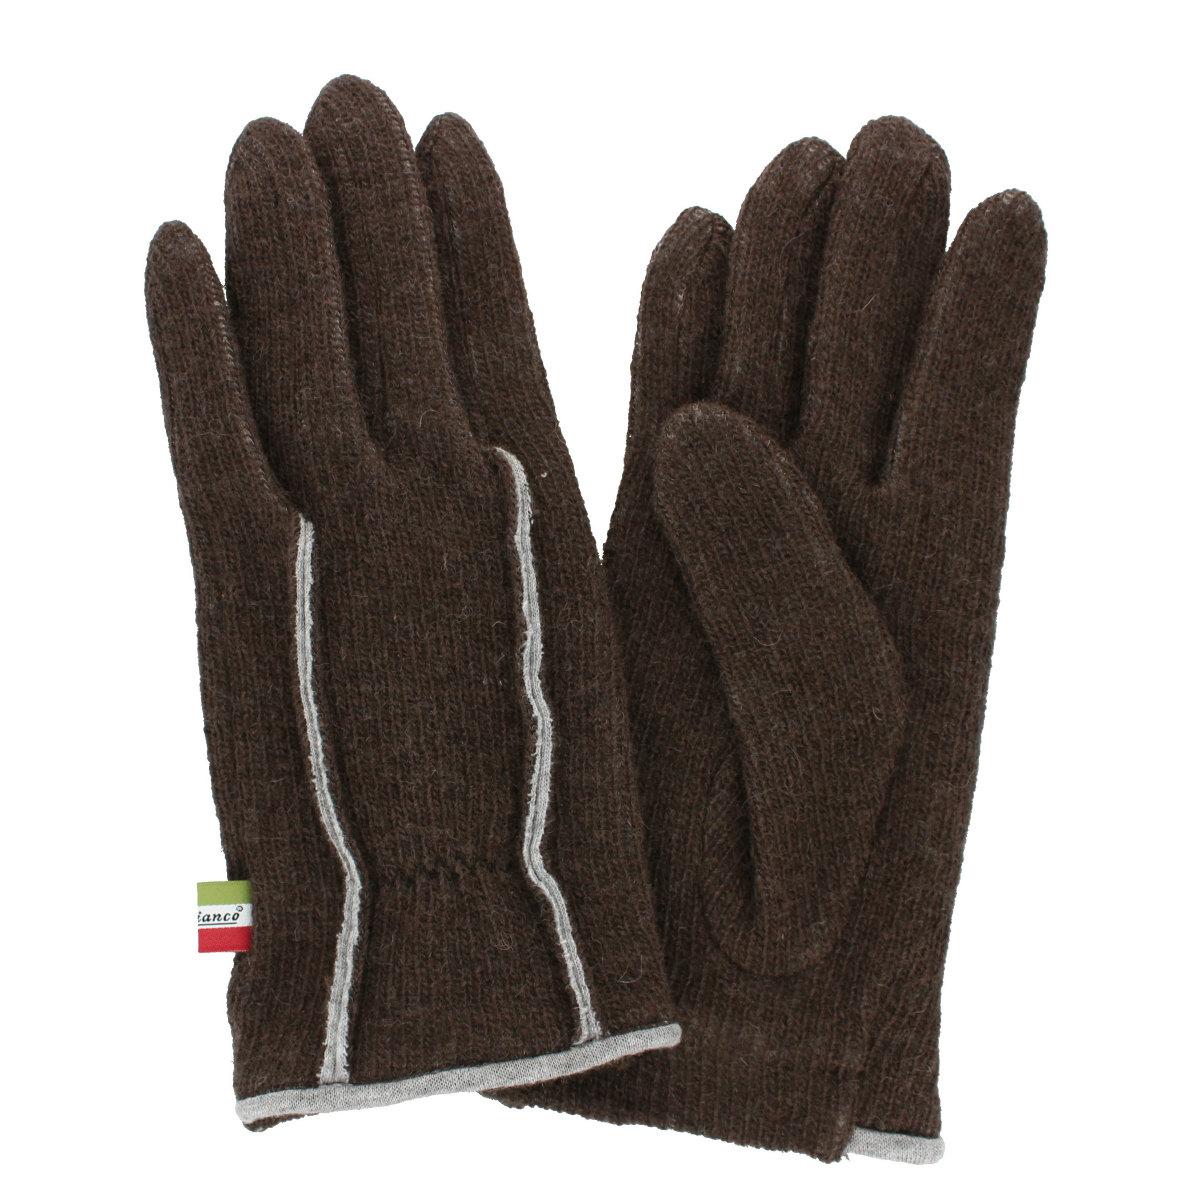 オロビアンコ 肌触り柔らか ニット風ジャージ メンズ手袋 日本製 Mサイズ 全4色